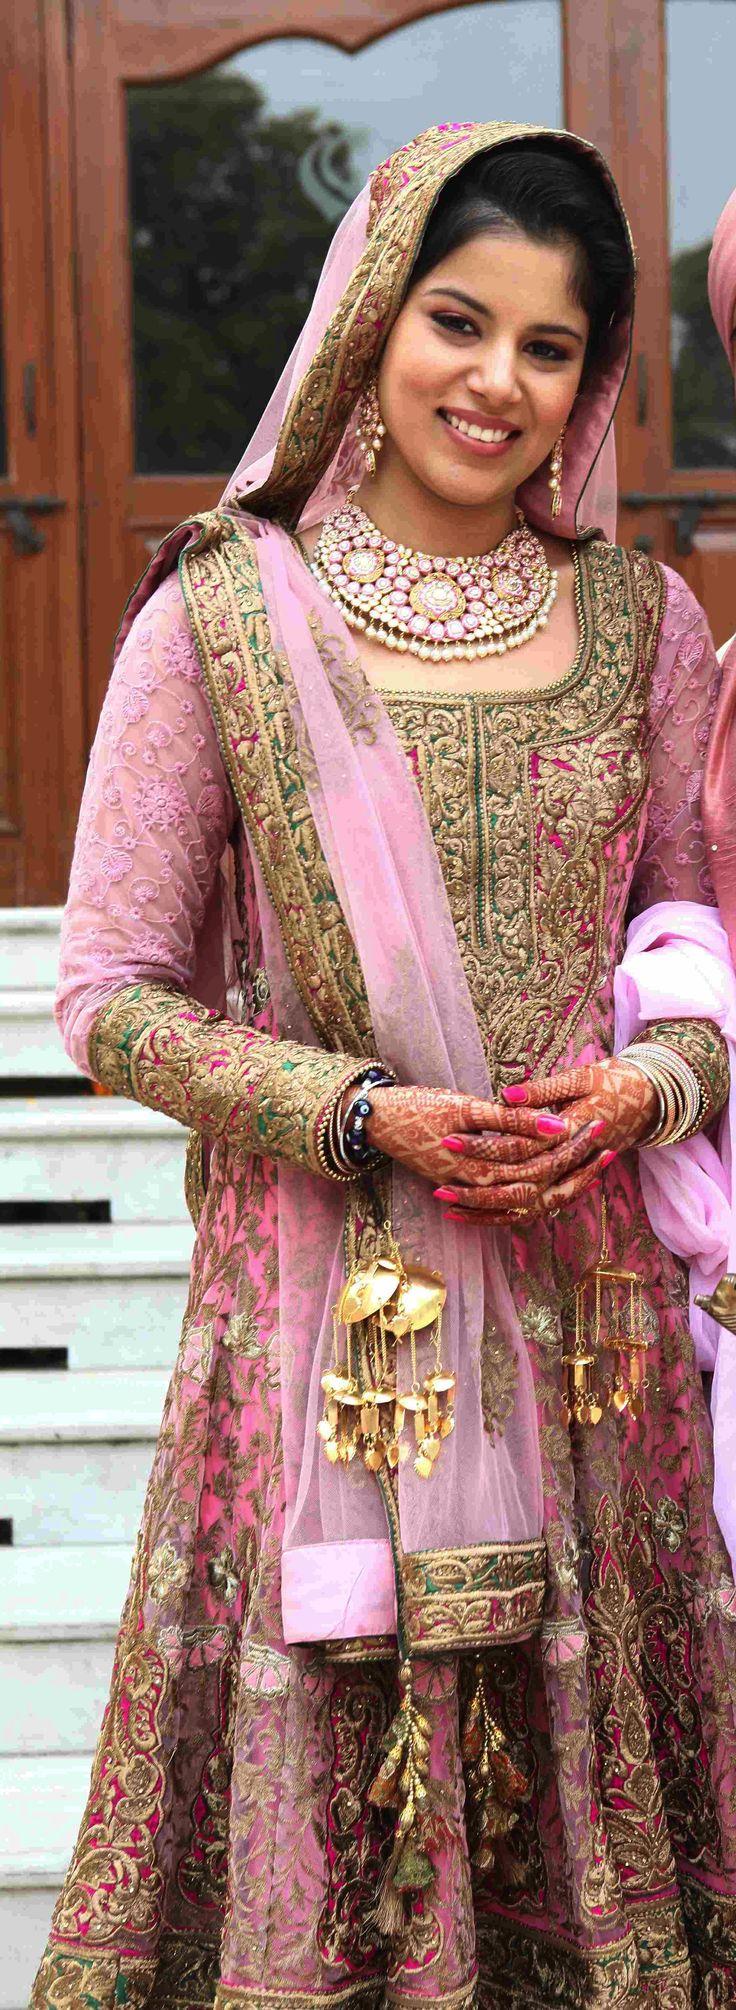 P Real Brides: Meet Japnit!